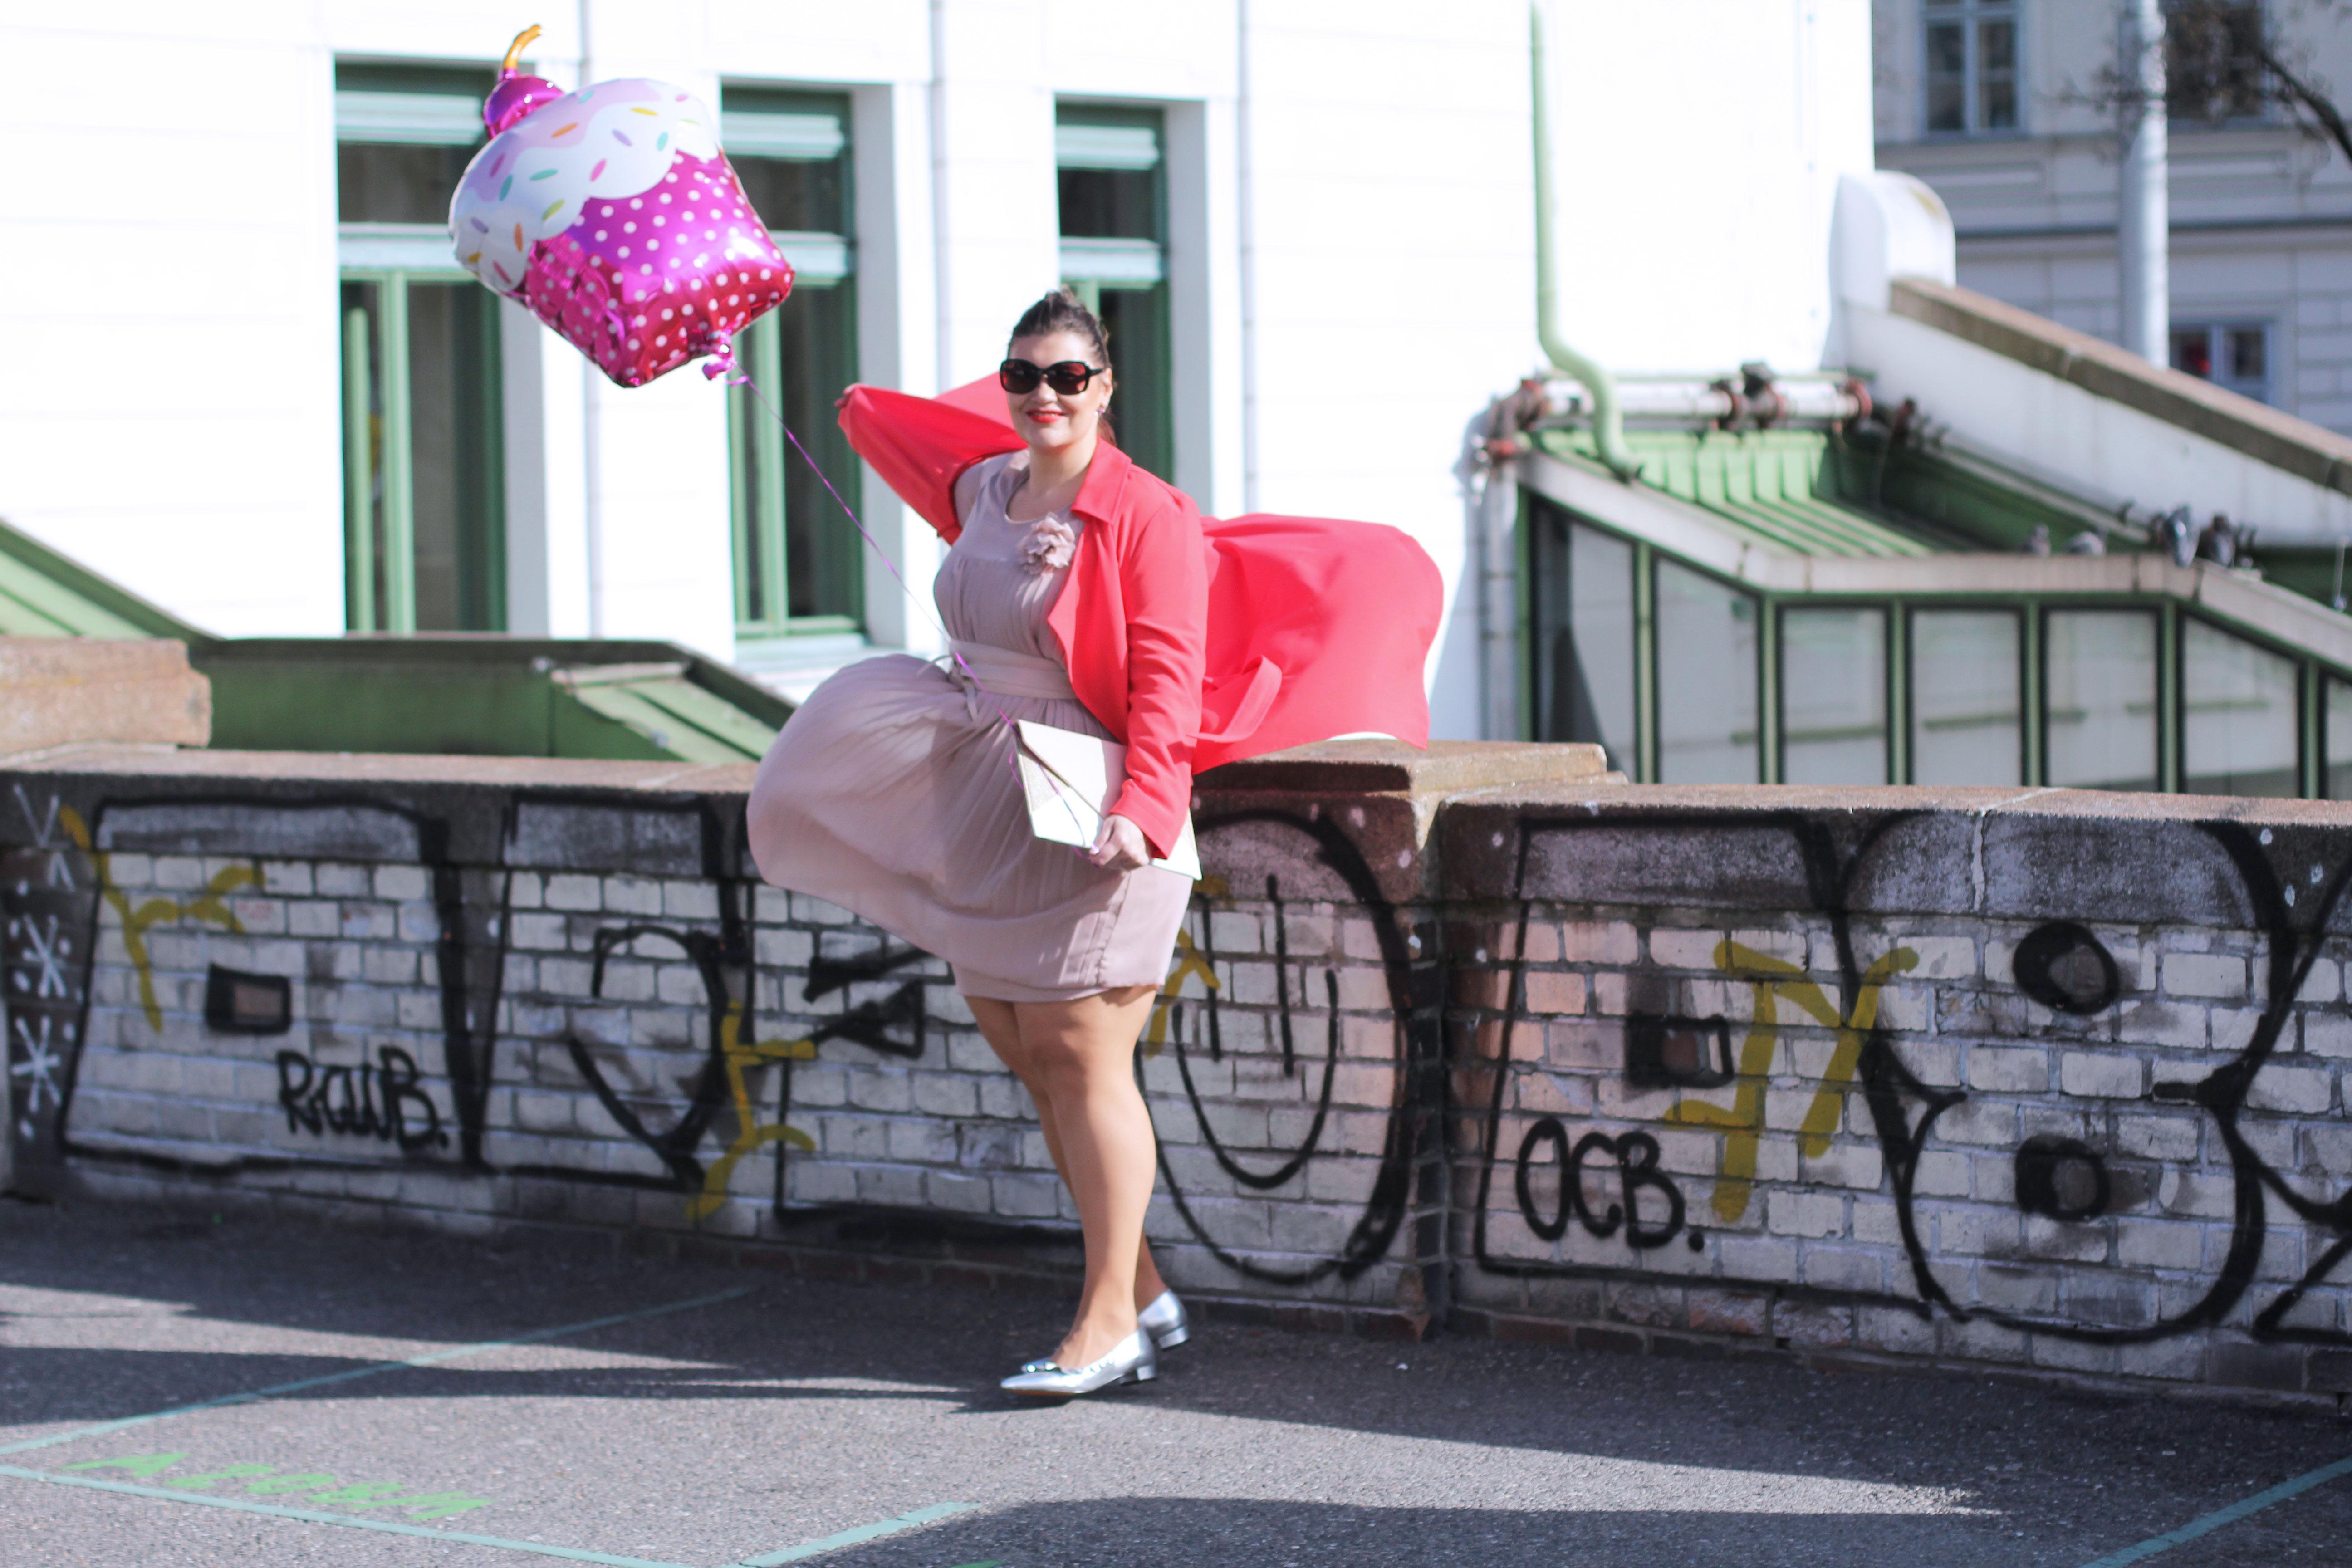 Volant-Metallic-Silber-Plissee-Kleid-Koralle-Trenchcoat-Grandios-Vienna-Plus-Size-Outfit-Look-Spring-Fashion-kardiaserena-cupcake